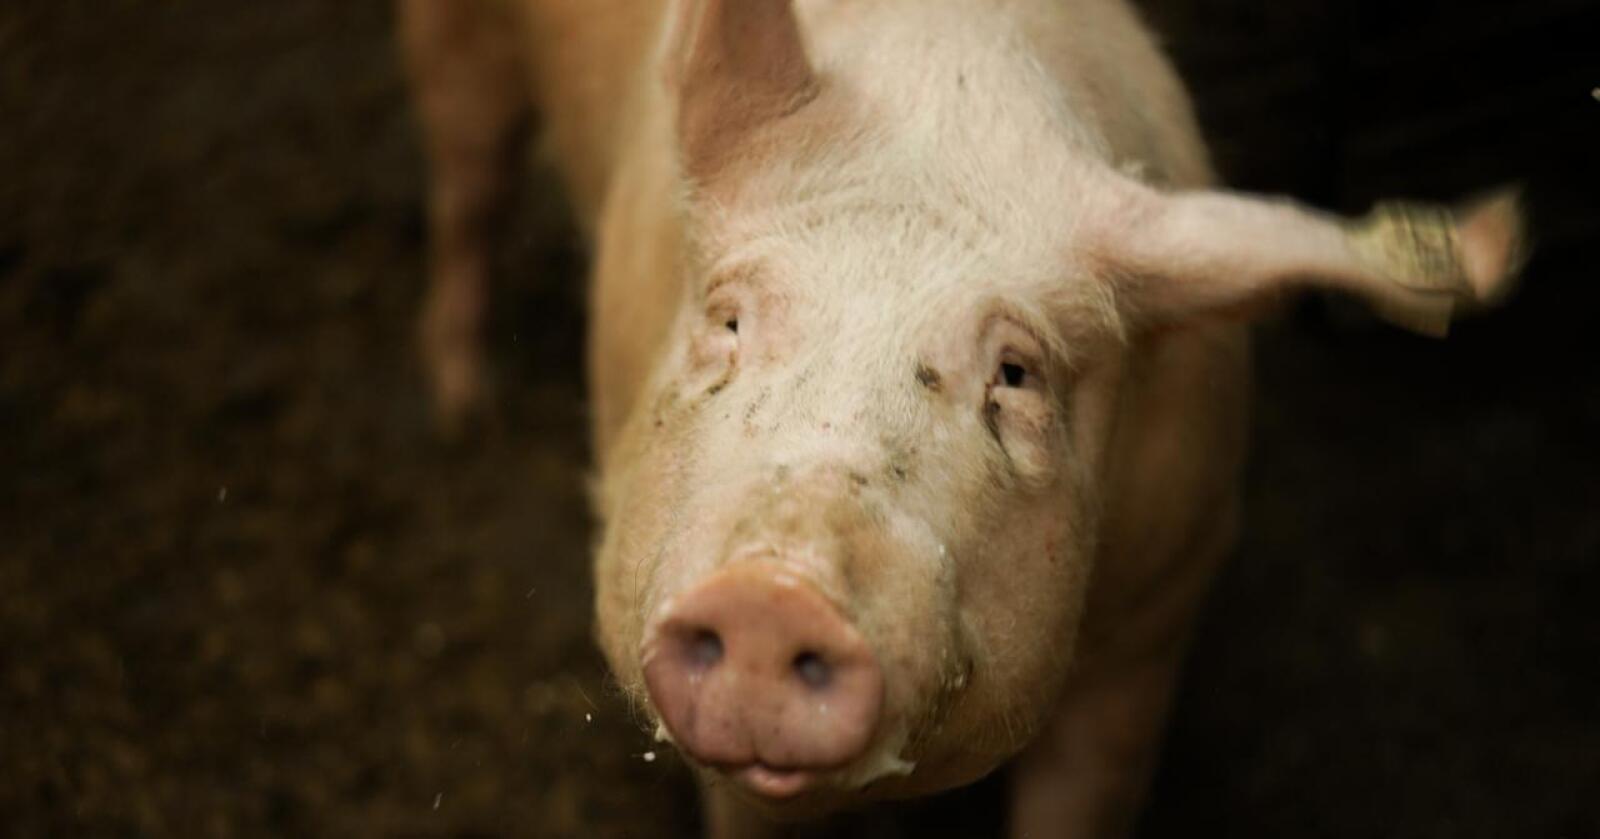 Ifølge Nortura har det totale salget av grillprodukter av svin hittil i år vært høyere enn de to foregående årene. Illustrasjonsfoto: Benjamin H. Vogl